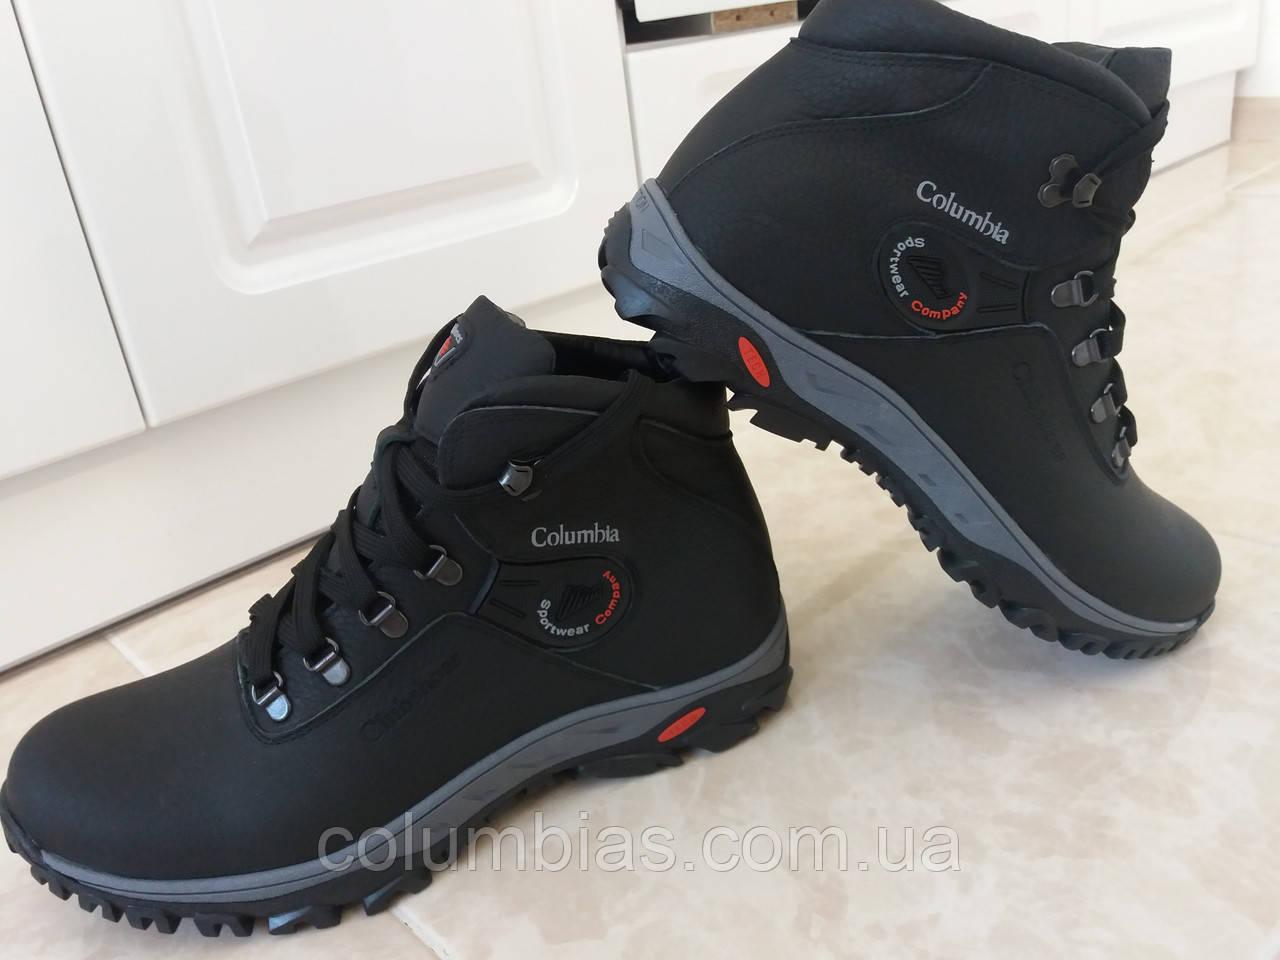 f3e7cd6b5 Зимняя мужская обувь в интернет магазине columbias.com.ua: продажа ...